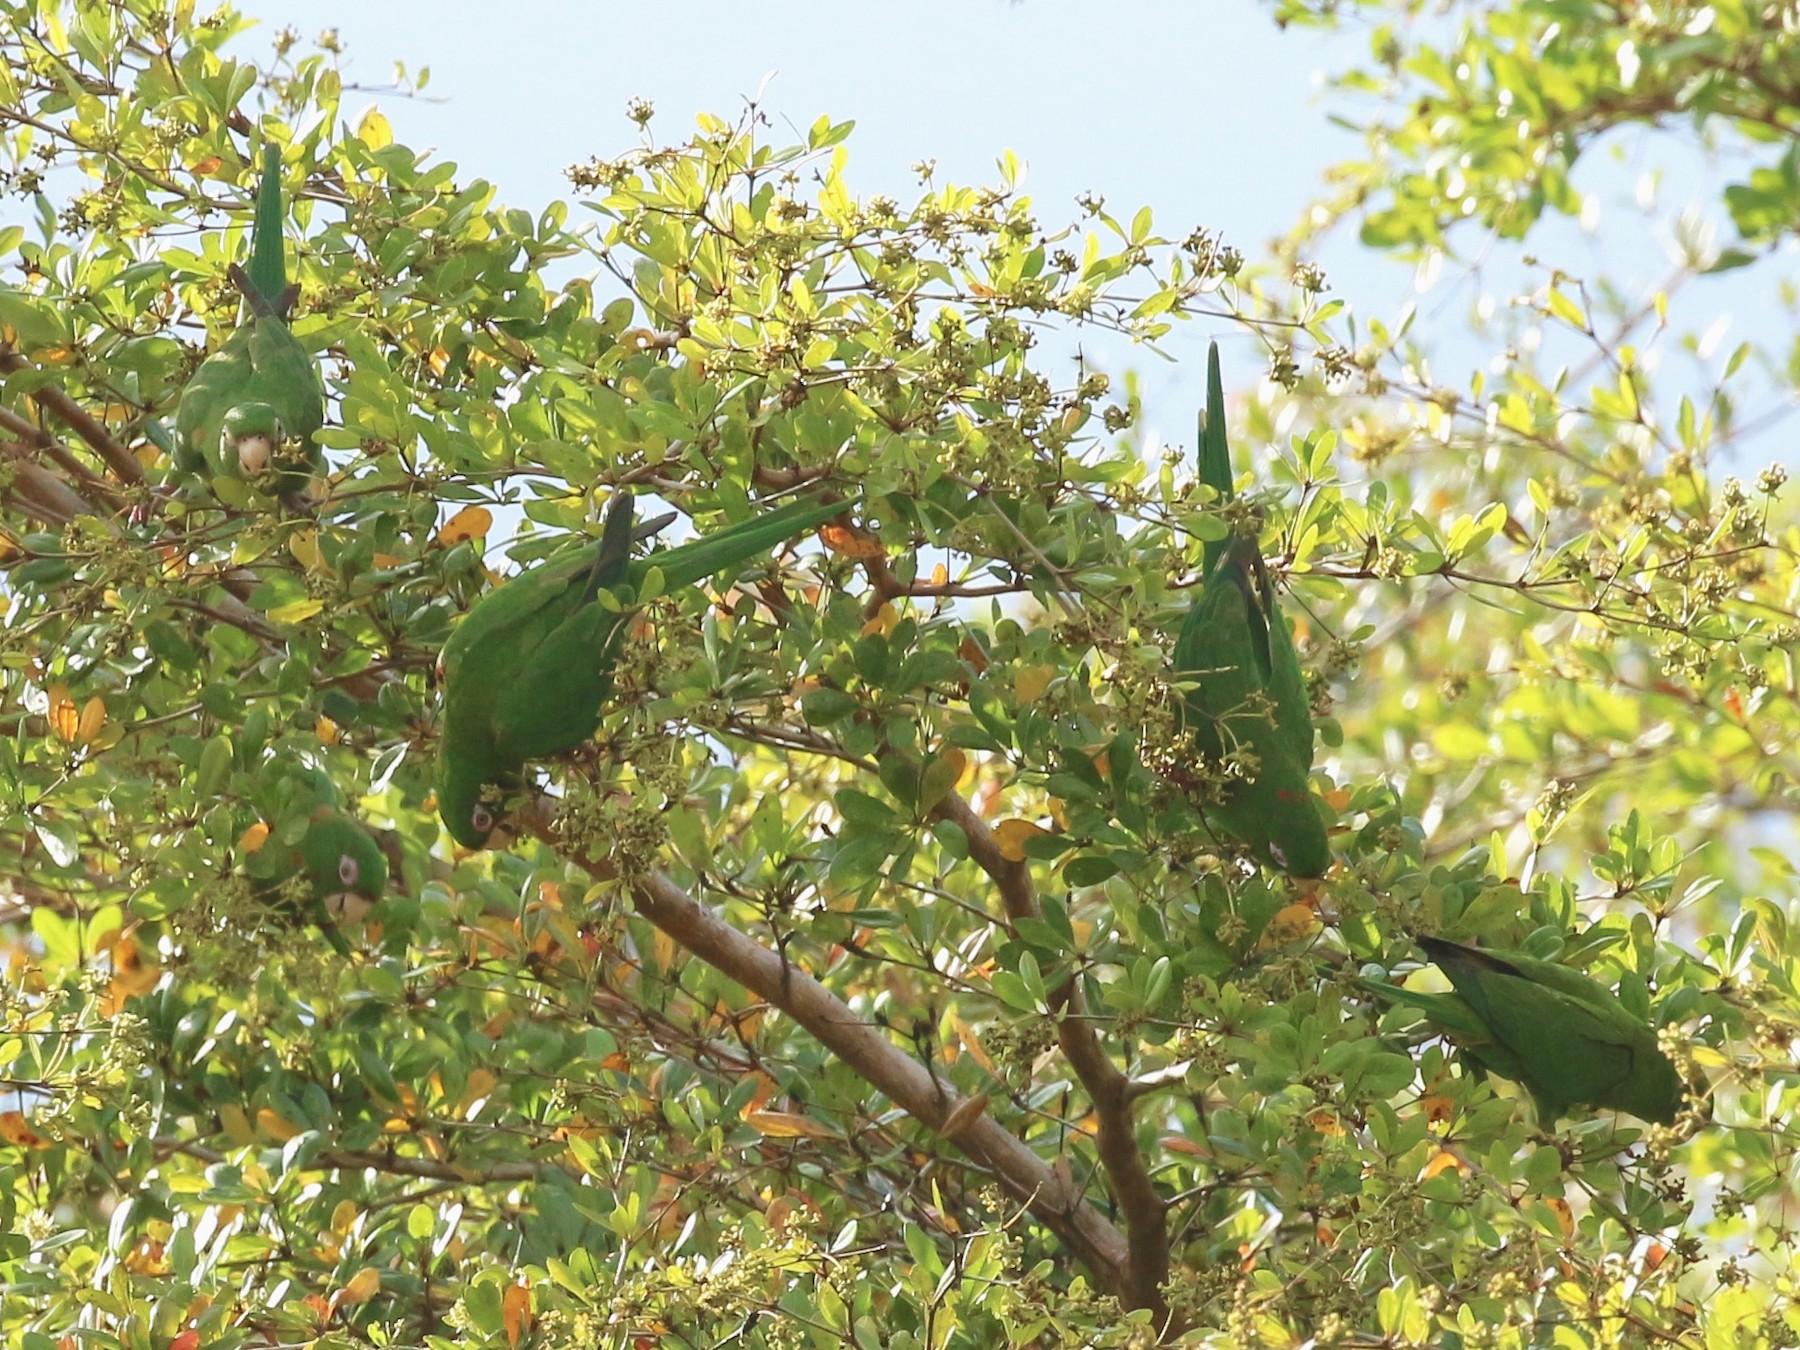 Cuban Parakeet - Linette Mansberger